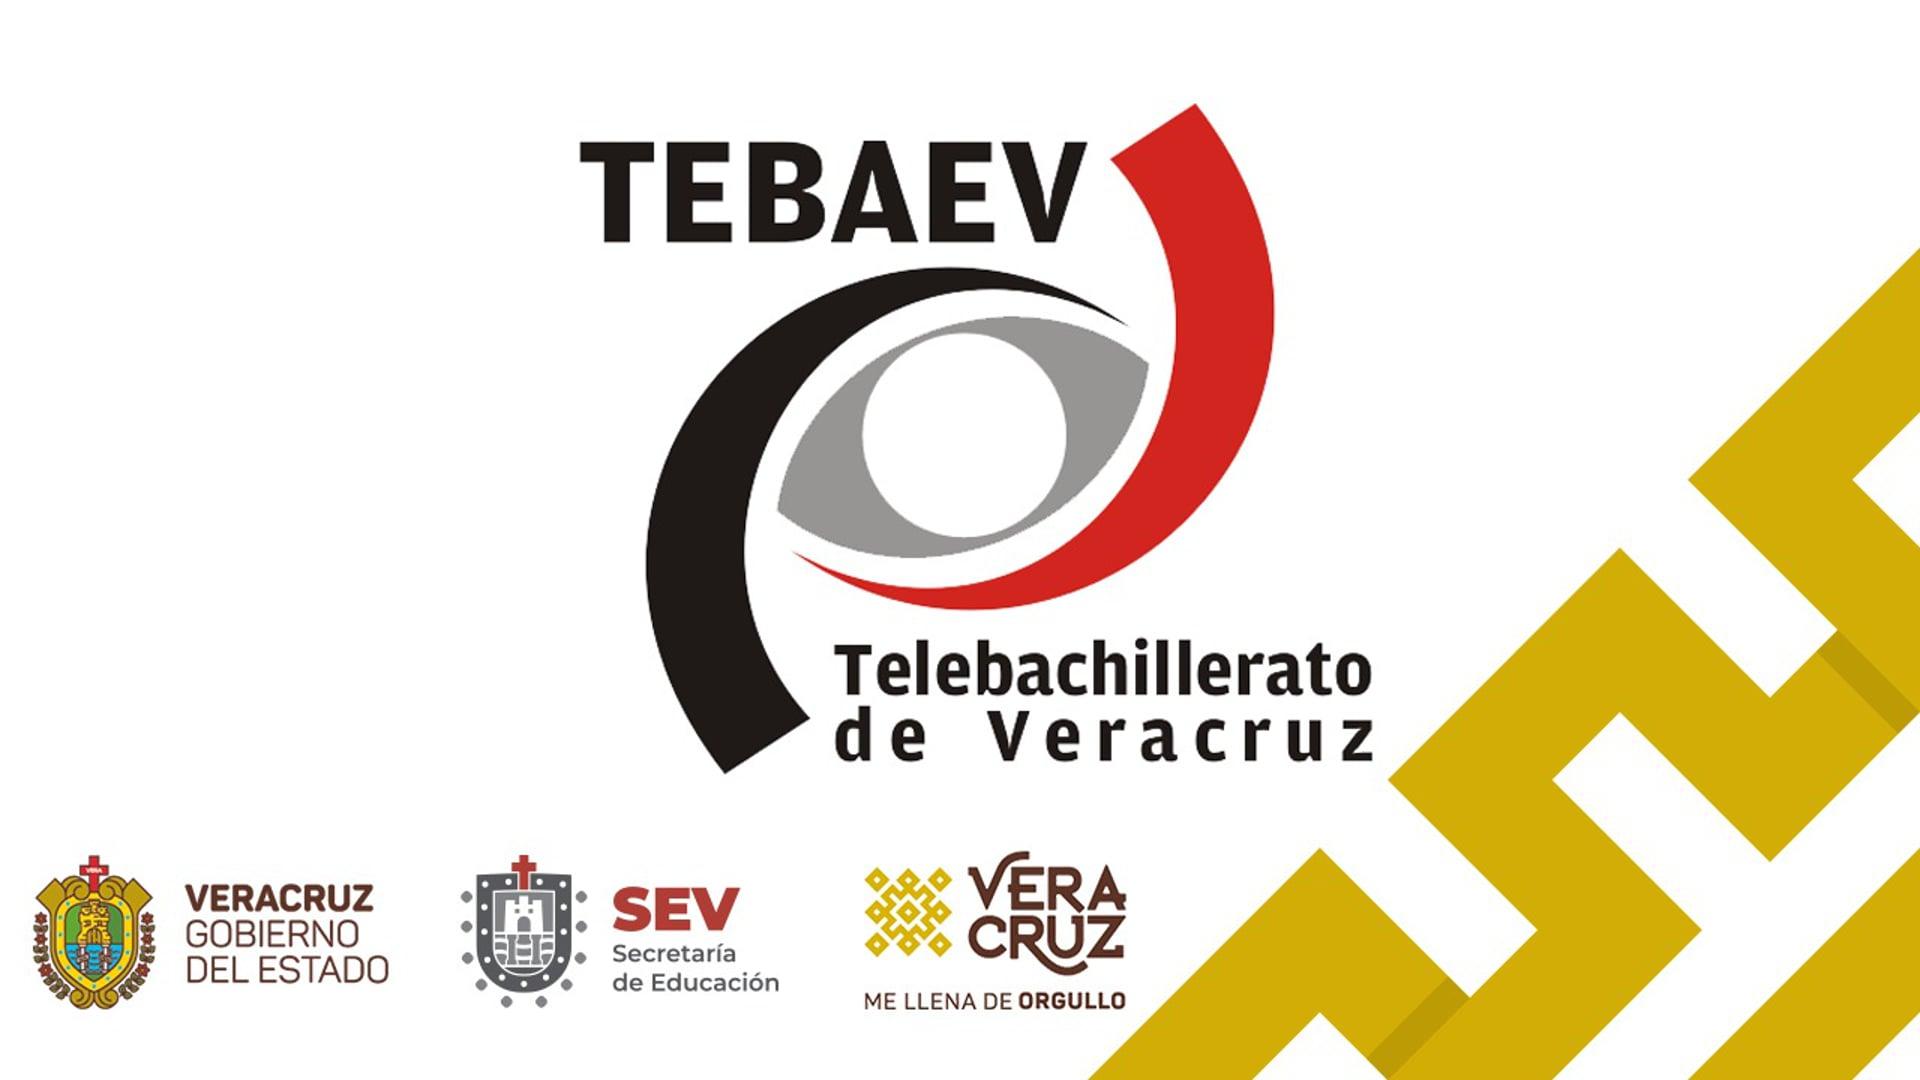 TEBAEV